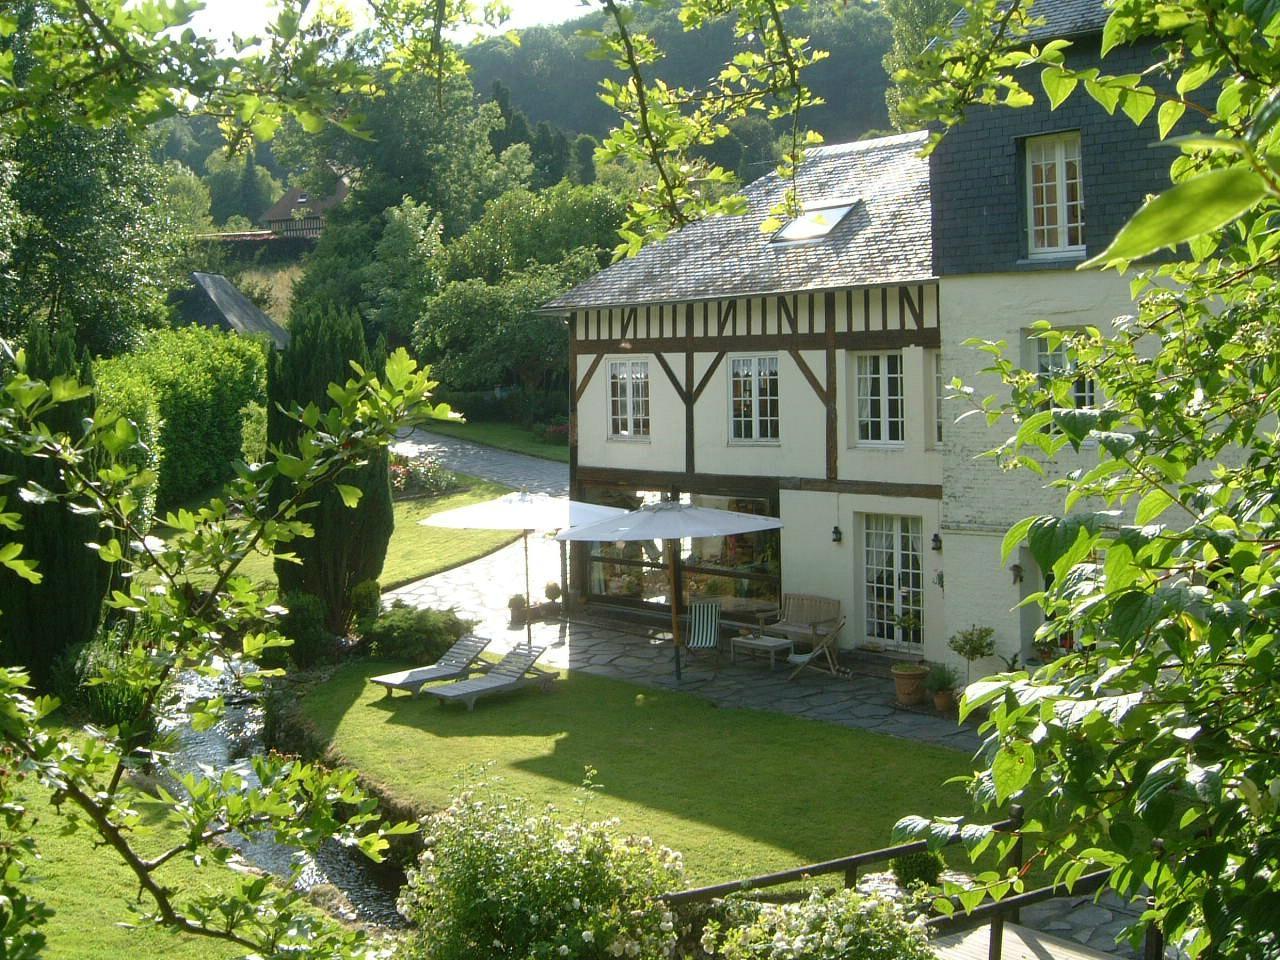 Chambre d' hotes de charme Le Moulin Saint Nicol